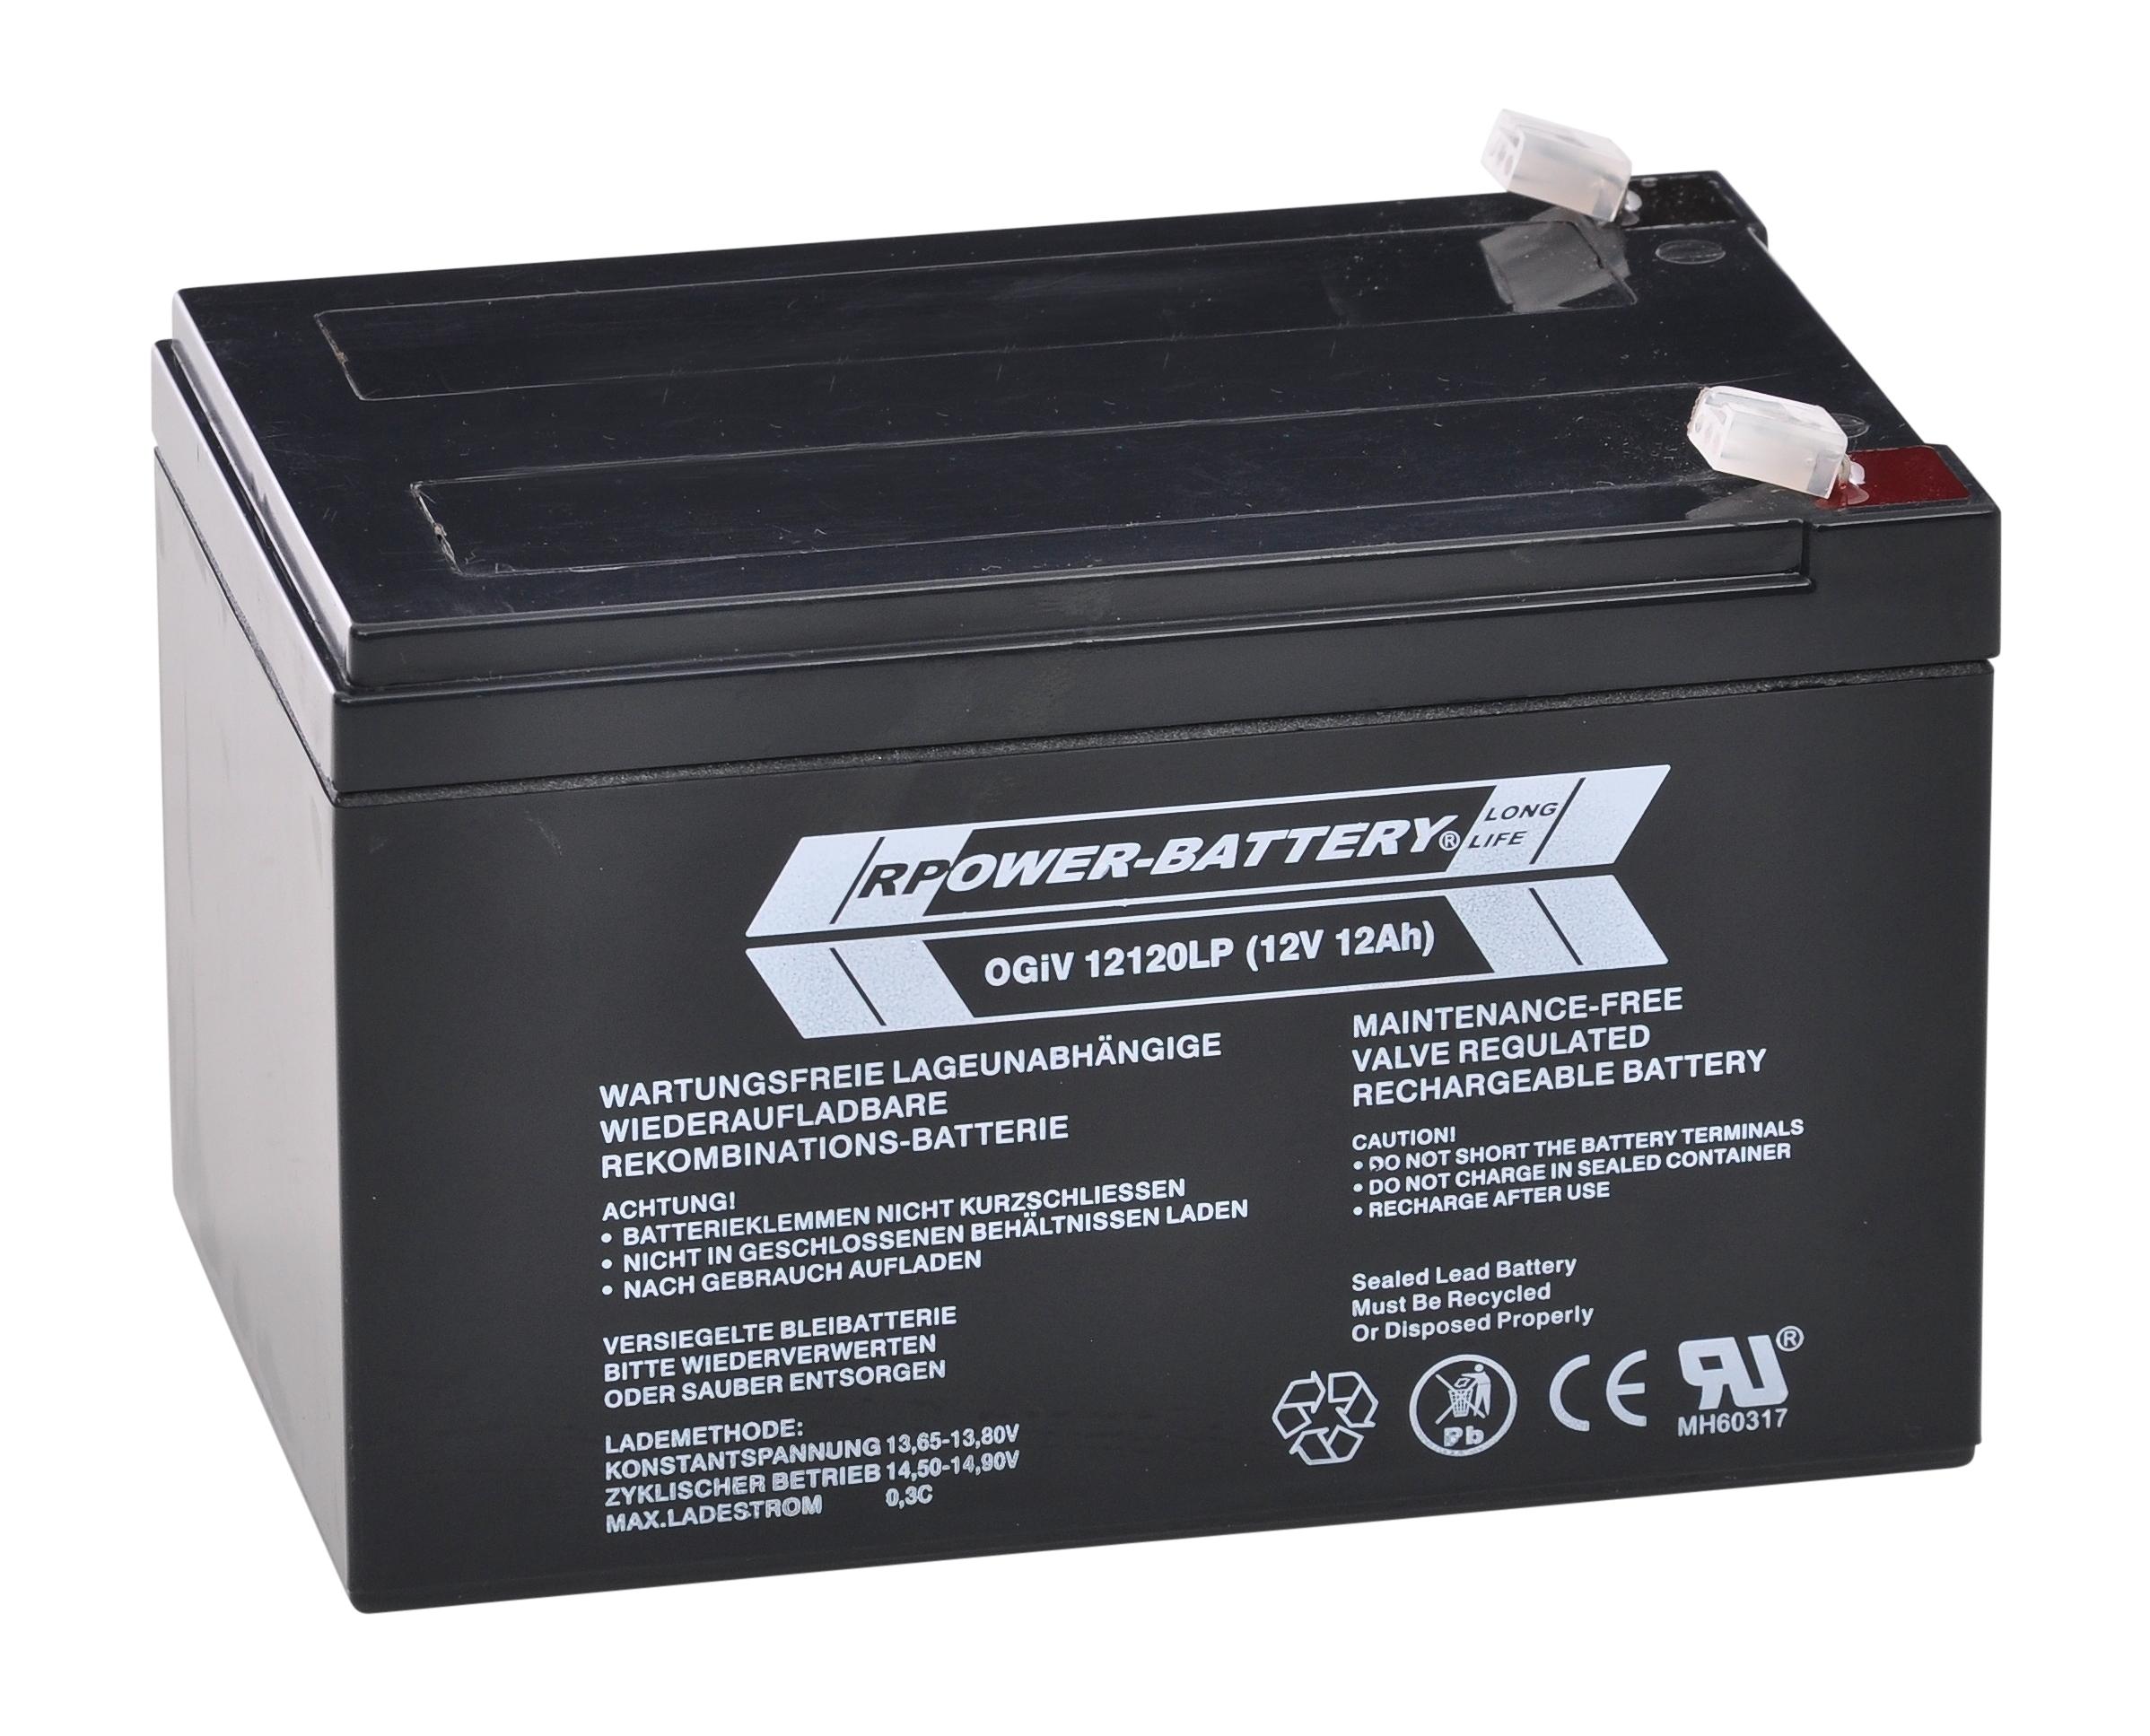 Batterie RPower OGiV longlife bis 12 Jahre 12V/12Ah (C20)